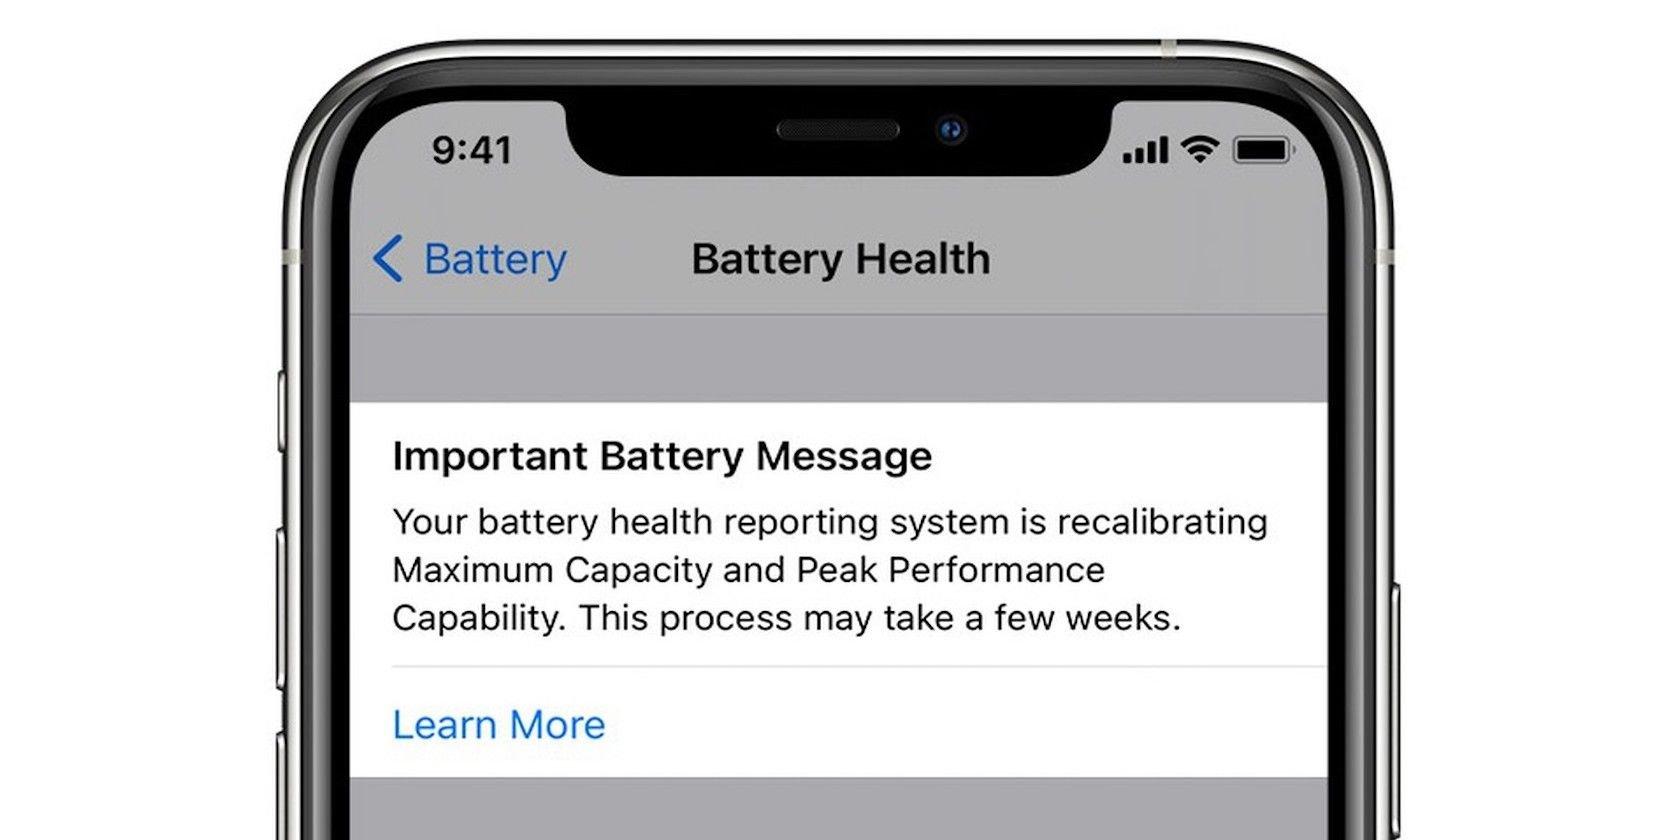 هنگام ارتقا به iOS 14.5 ، اپل باتری های آیفون را دوباره مرتب می کند